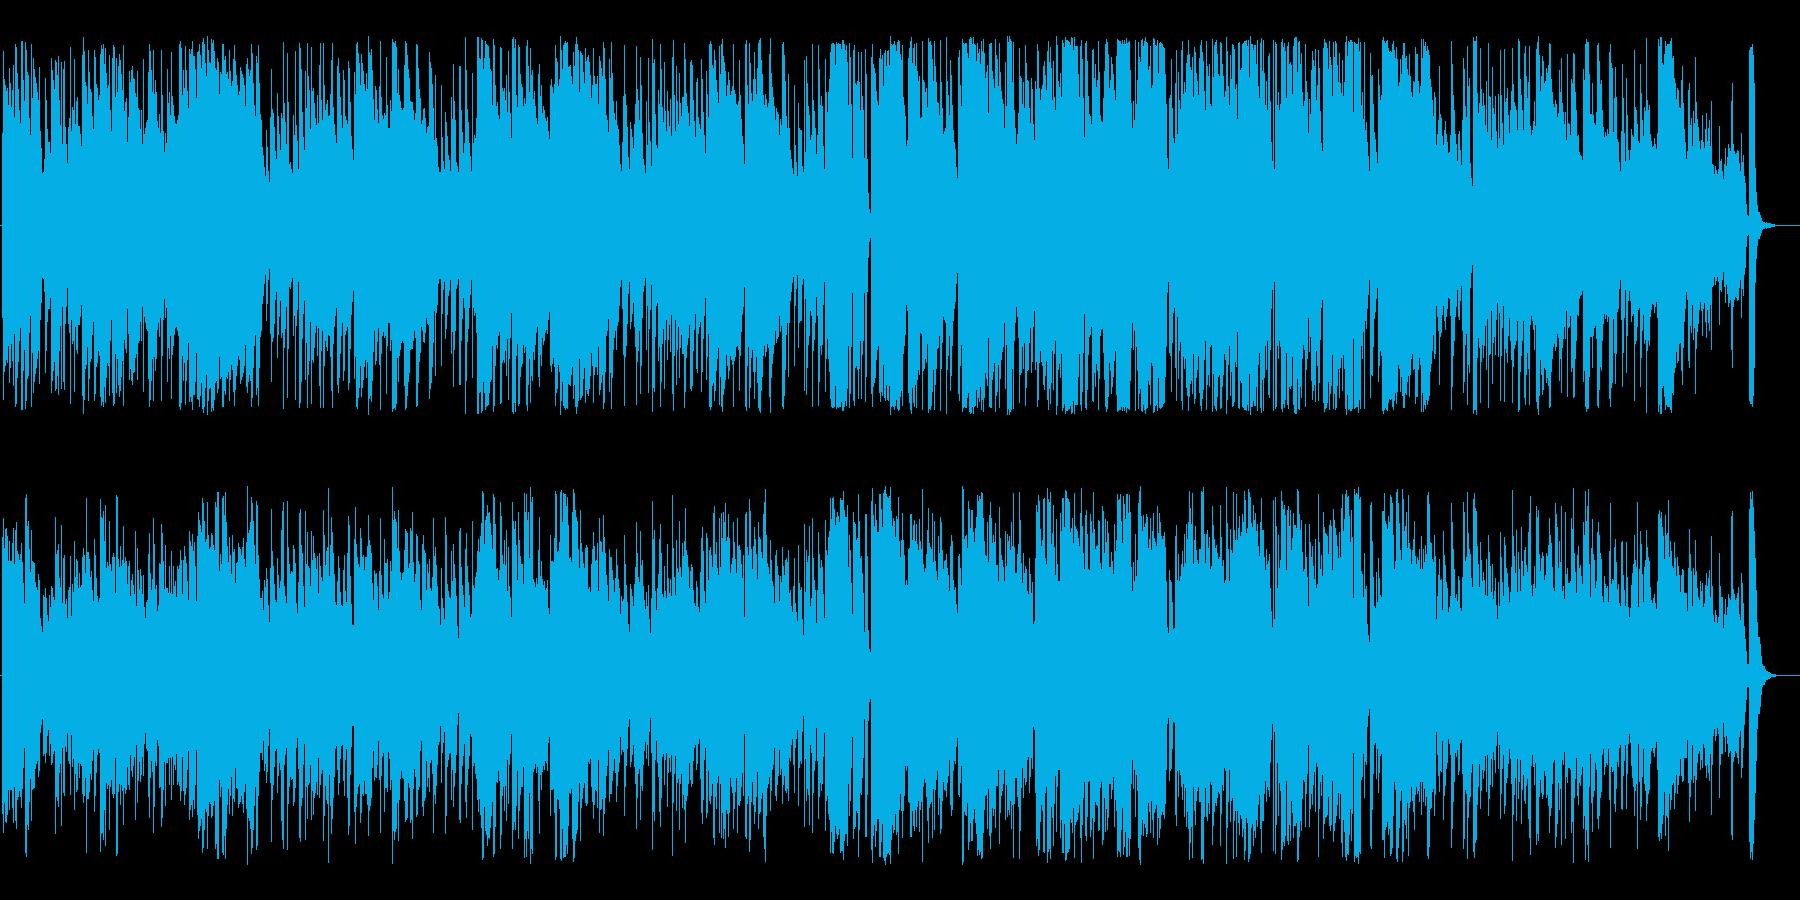 きらきら星(sax)の再生済みの波形